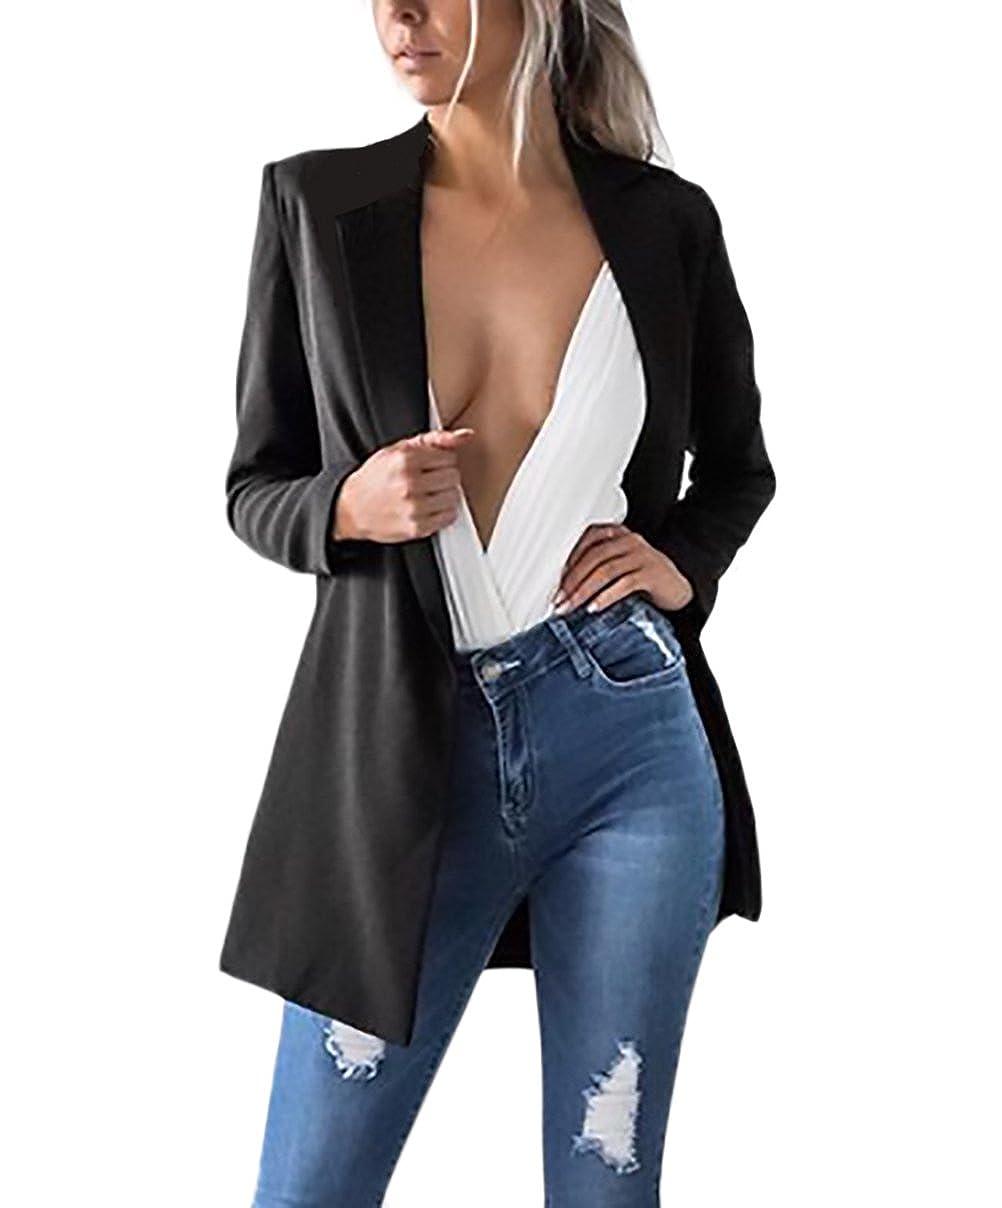 Blazer Donna Cardigan Elegante Invernale Autunno Tailleur Aperta Blazers Giacche Elegante Manica Lunga Classico Ufficio Business Giubbotto Lungo Sciolto Moda Puro Colore Giubbino Lannister Fashion